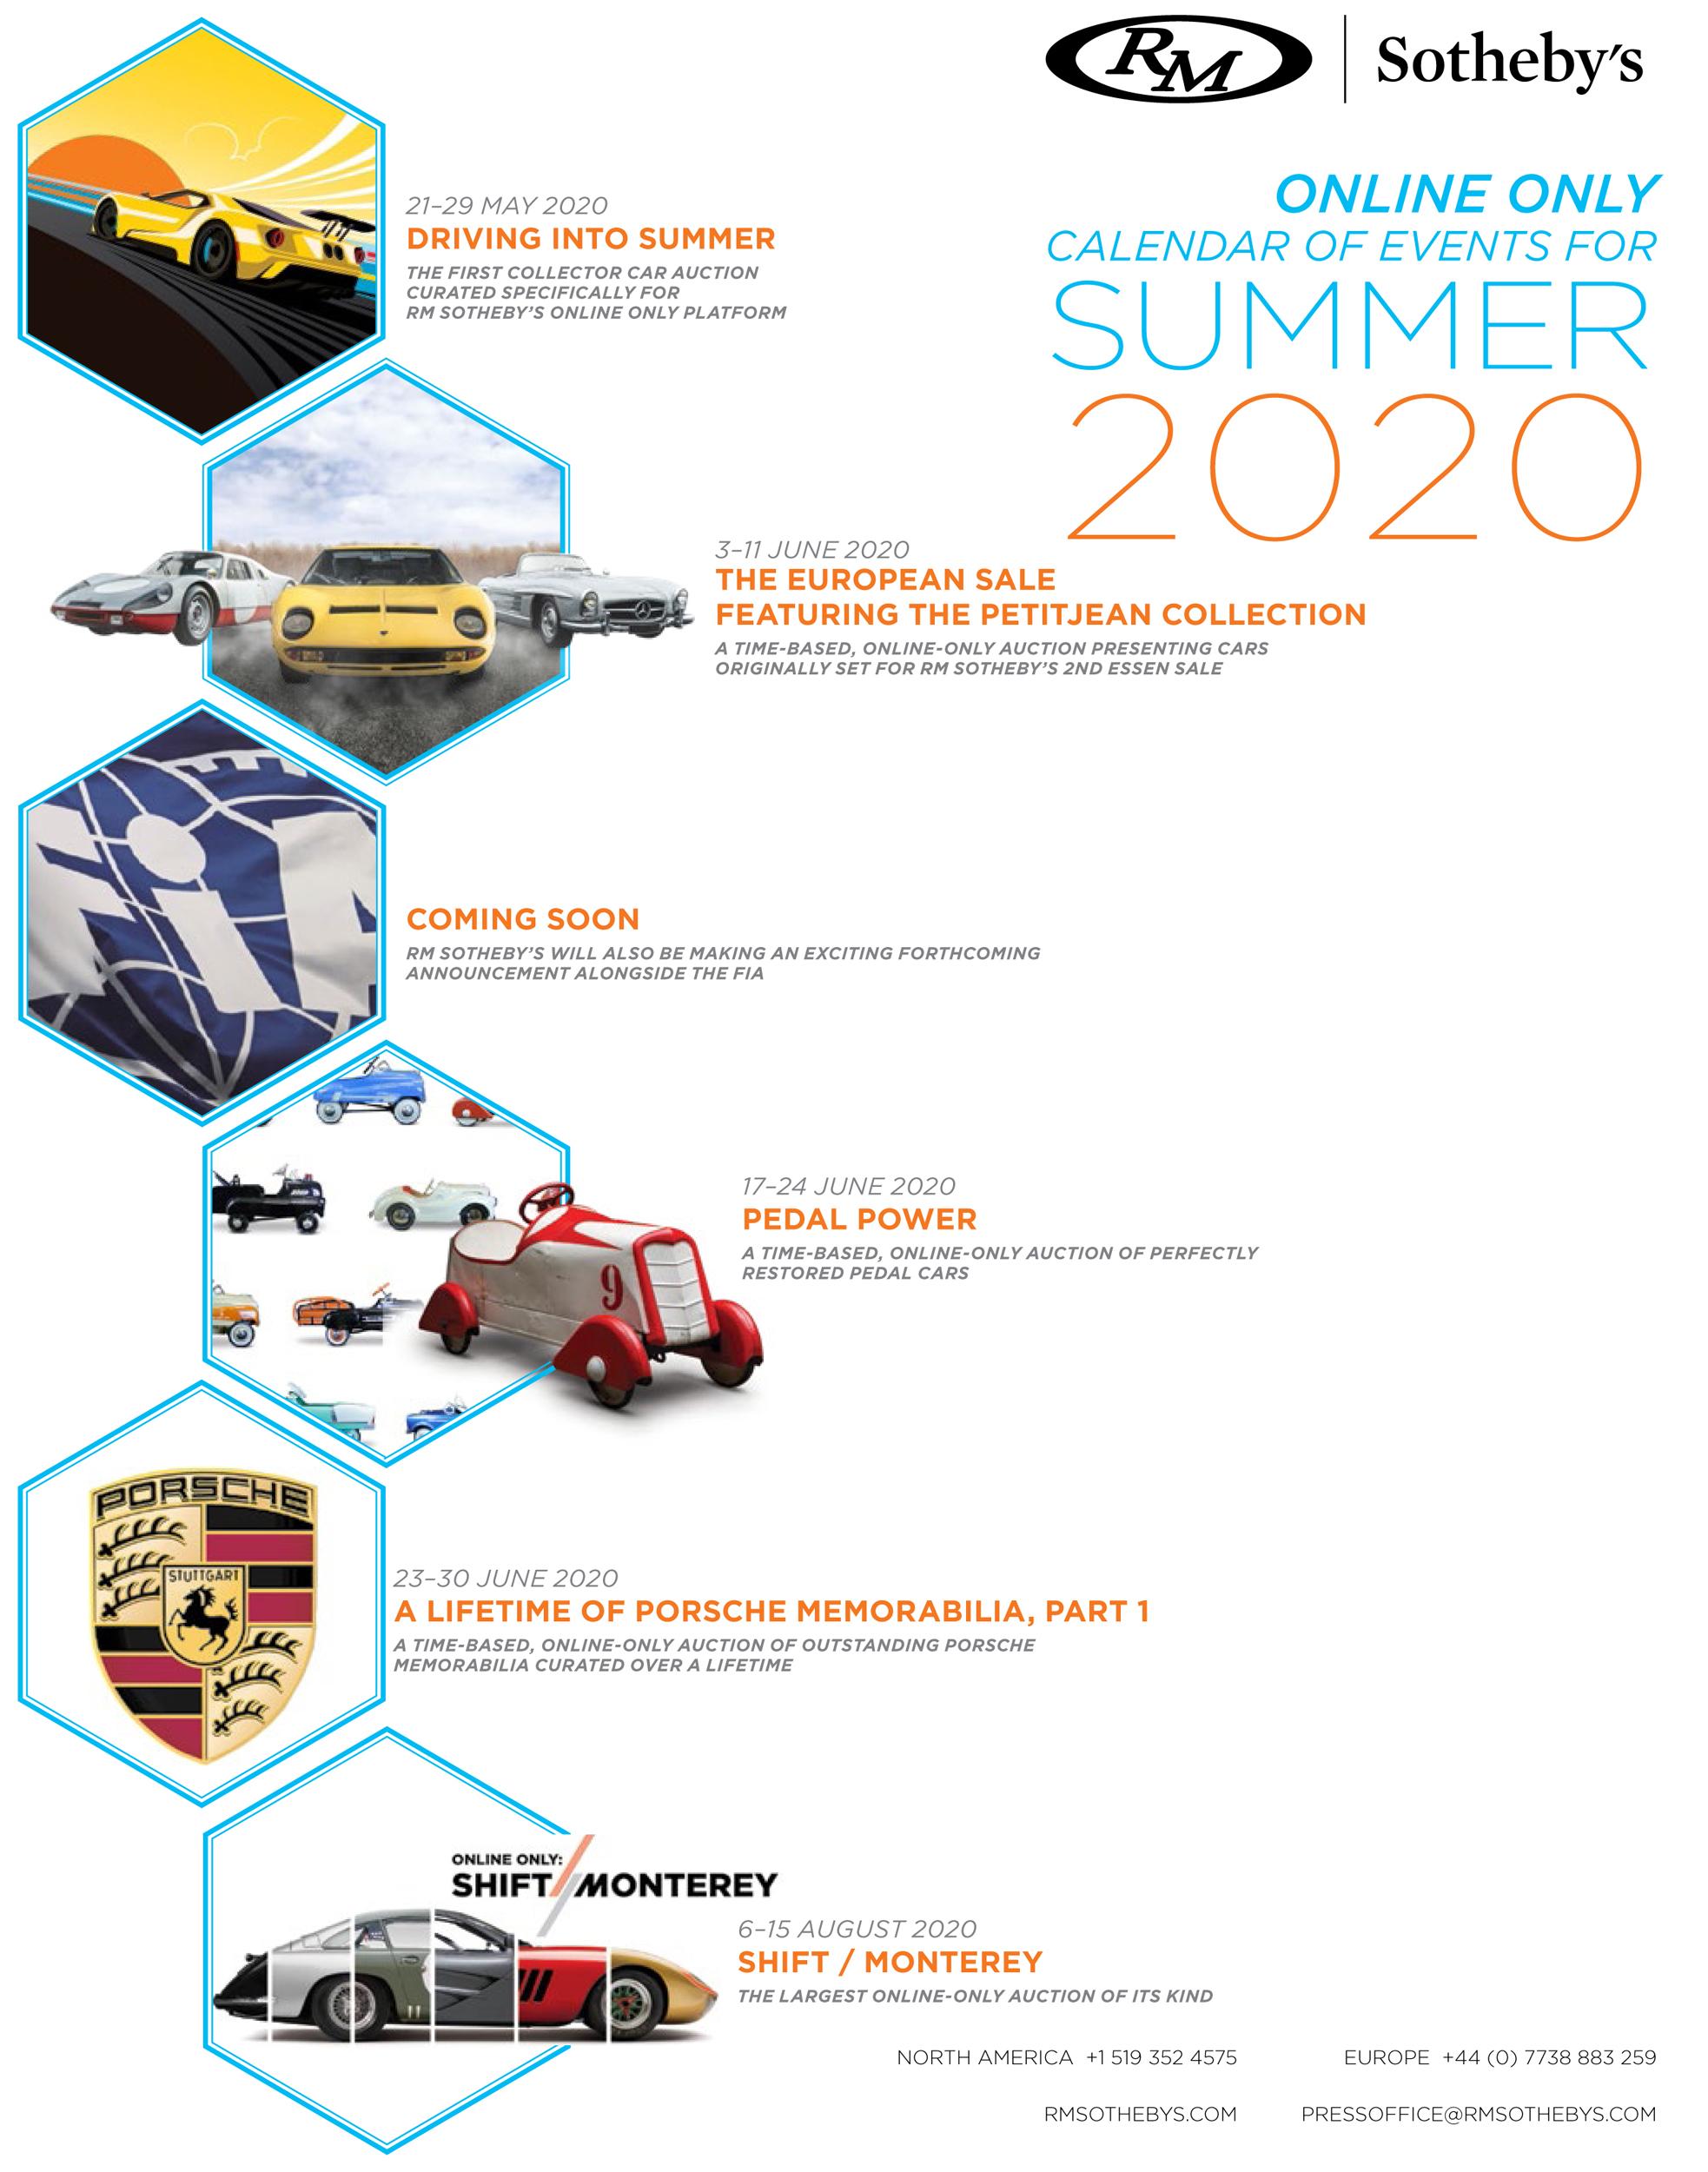 RM Sotheby's Online Only Calendar - Summer 2020